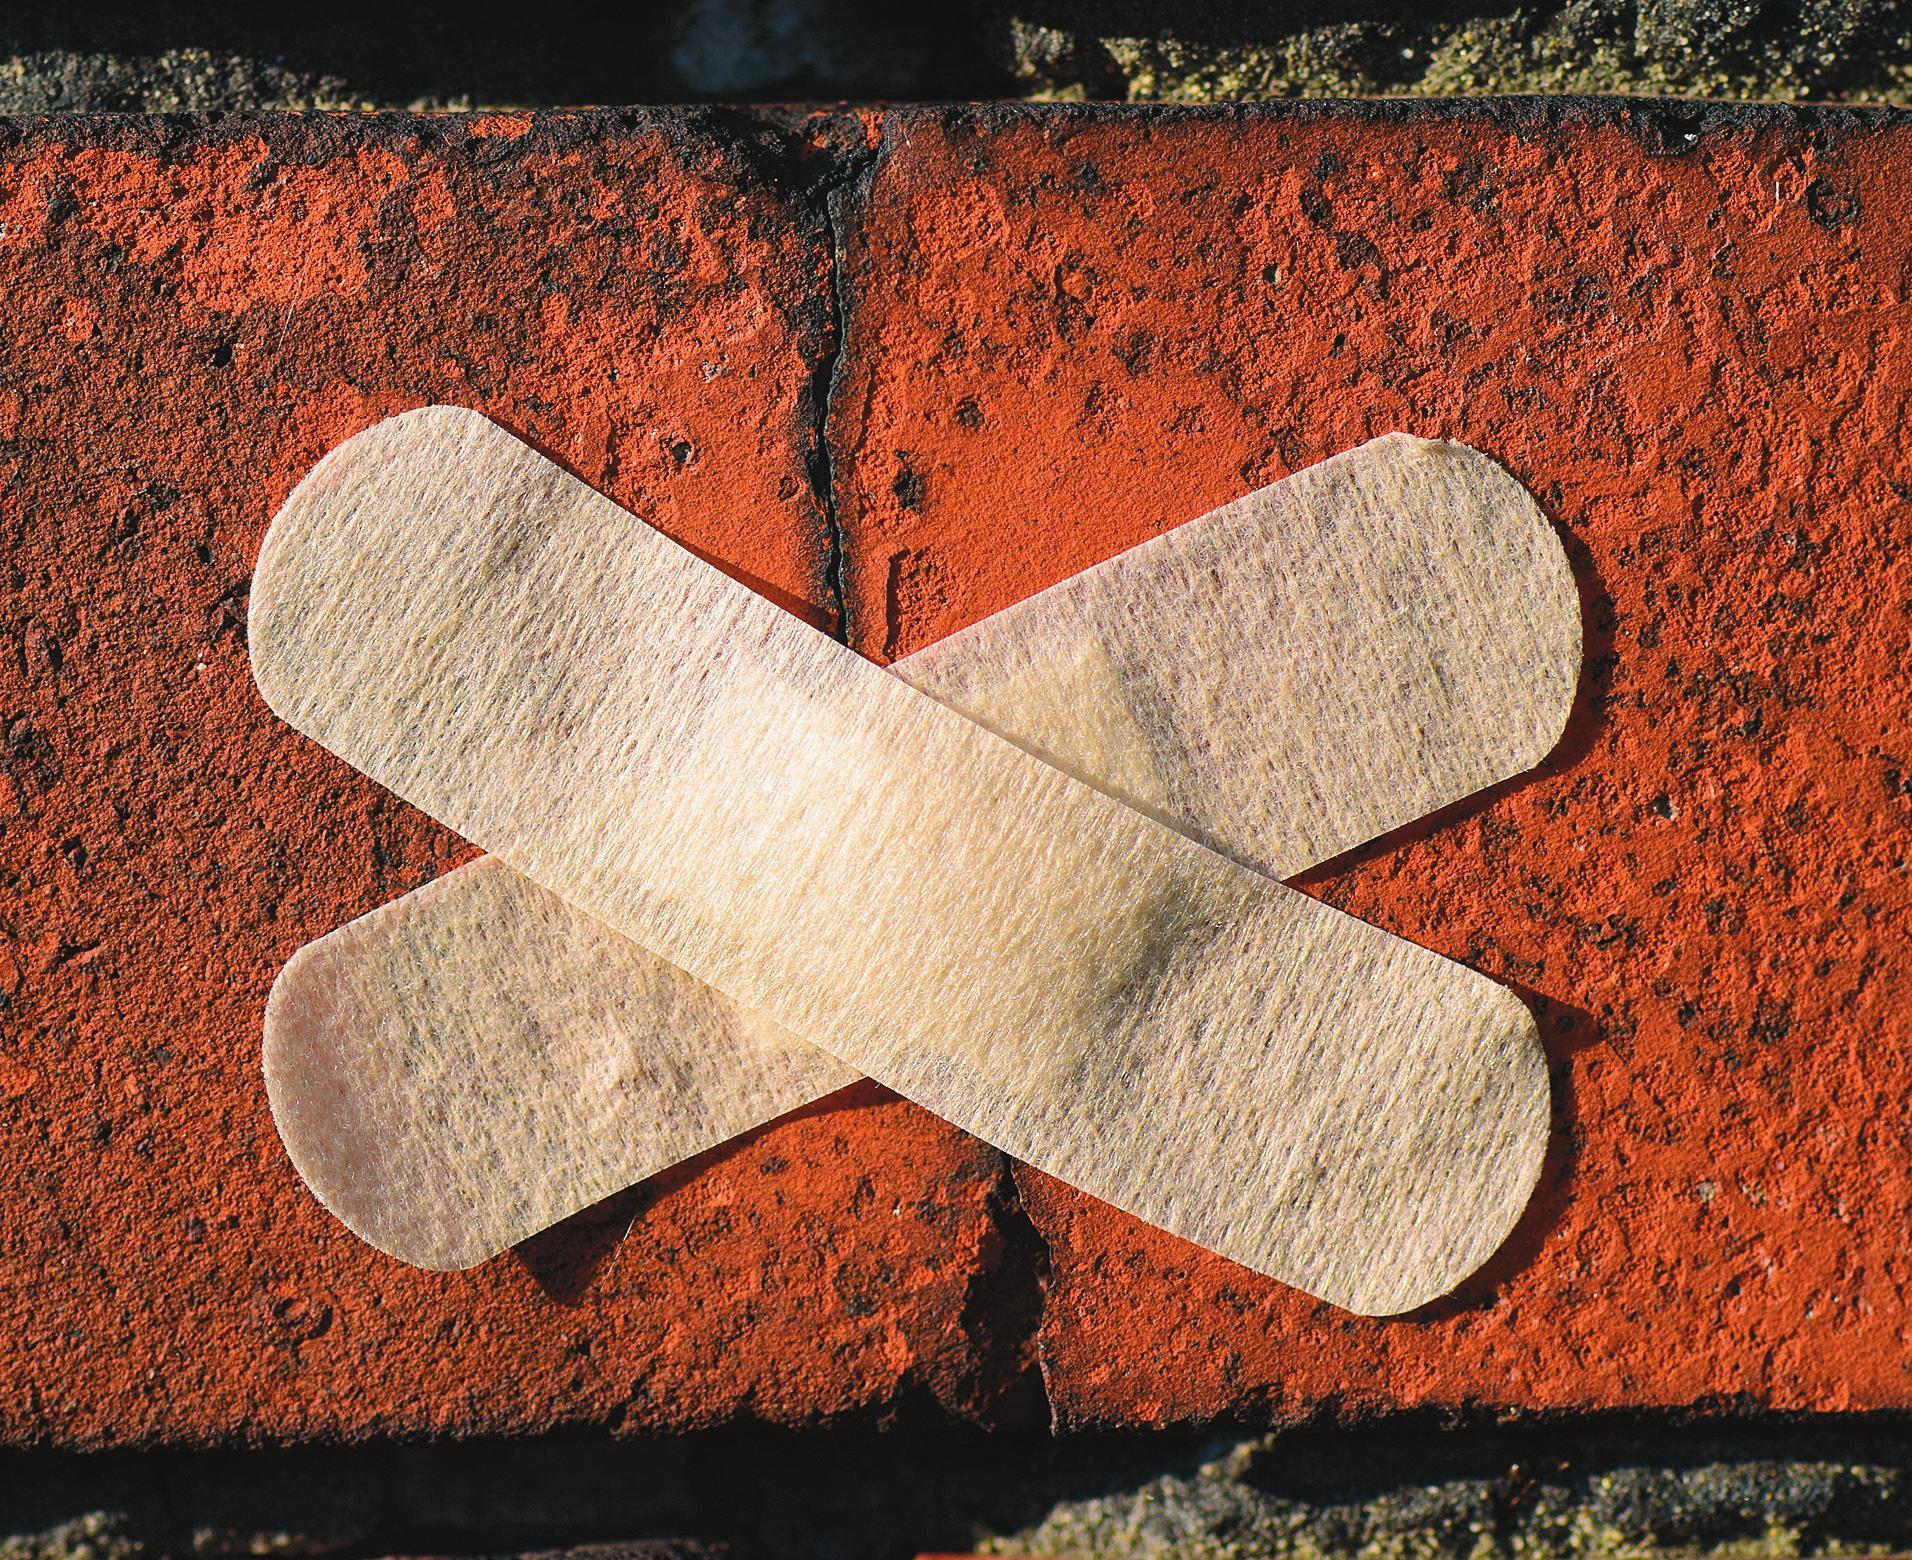 Bereits kleine Risse können langfristig zu kostenintensiven Schäden am Haus führen. Foto: Pexels.com